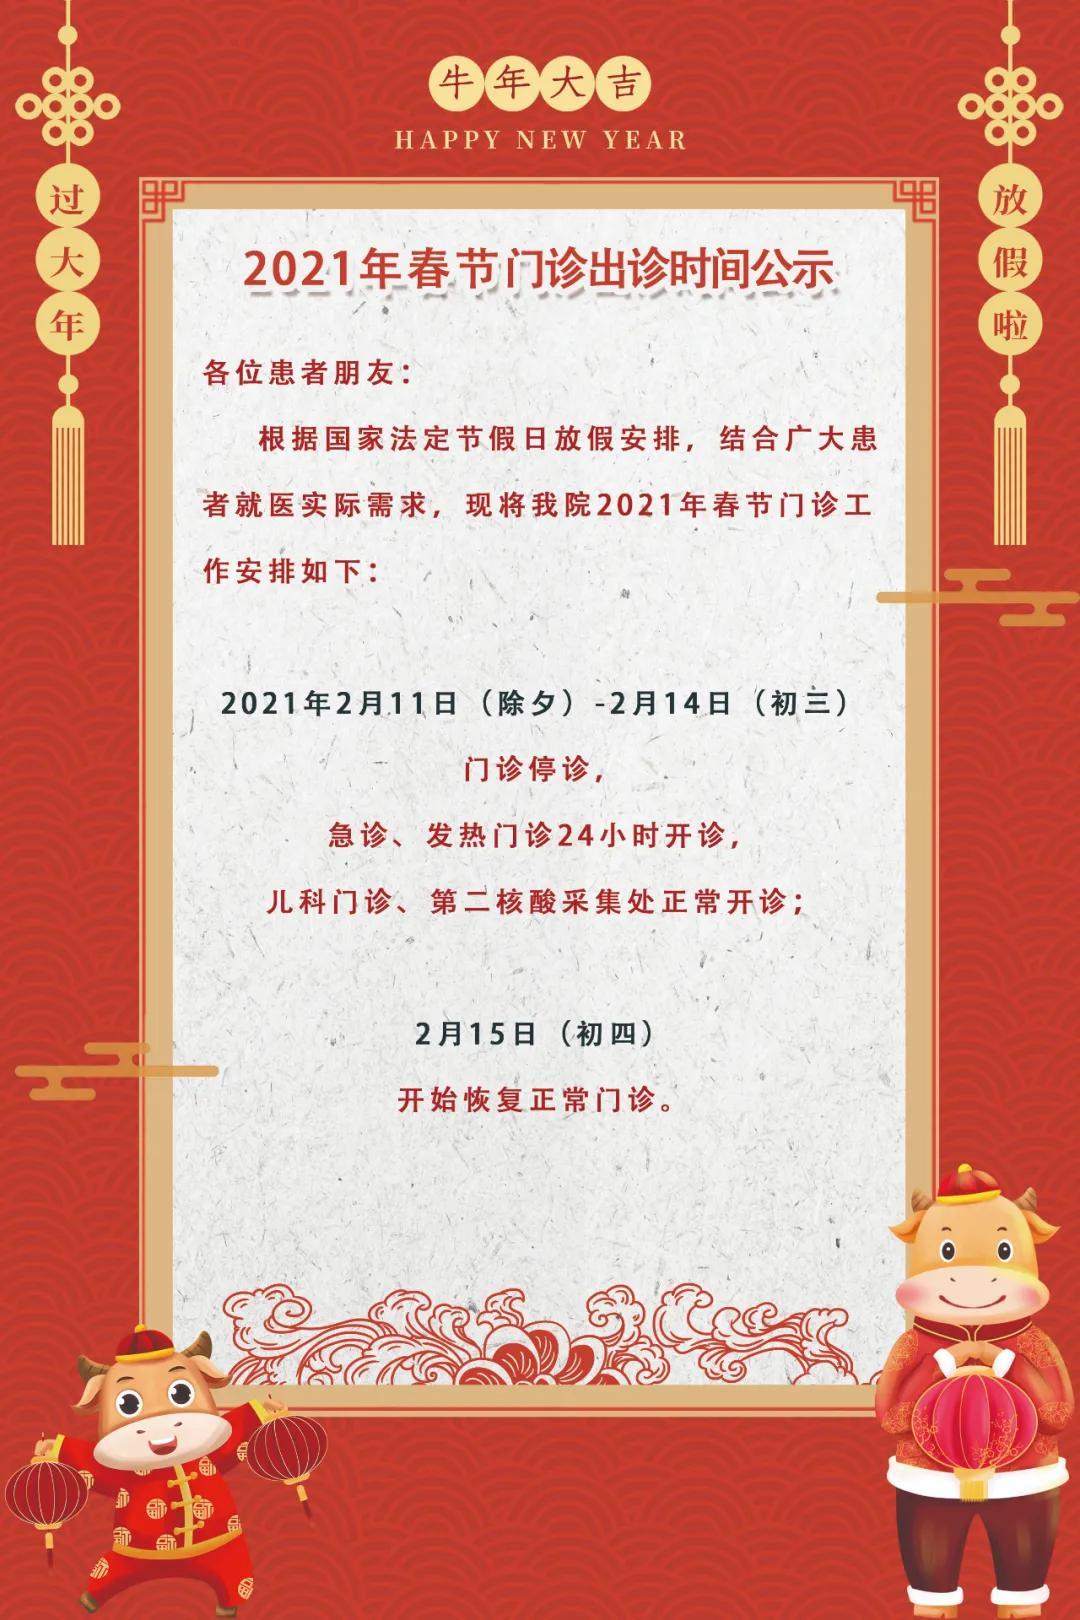 渭南市中心医院2021年春节门诊出诊时间及医师值班表